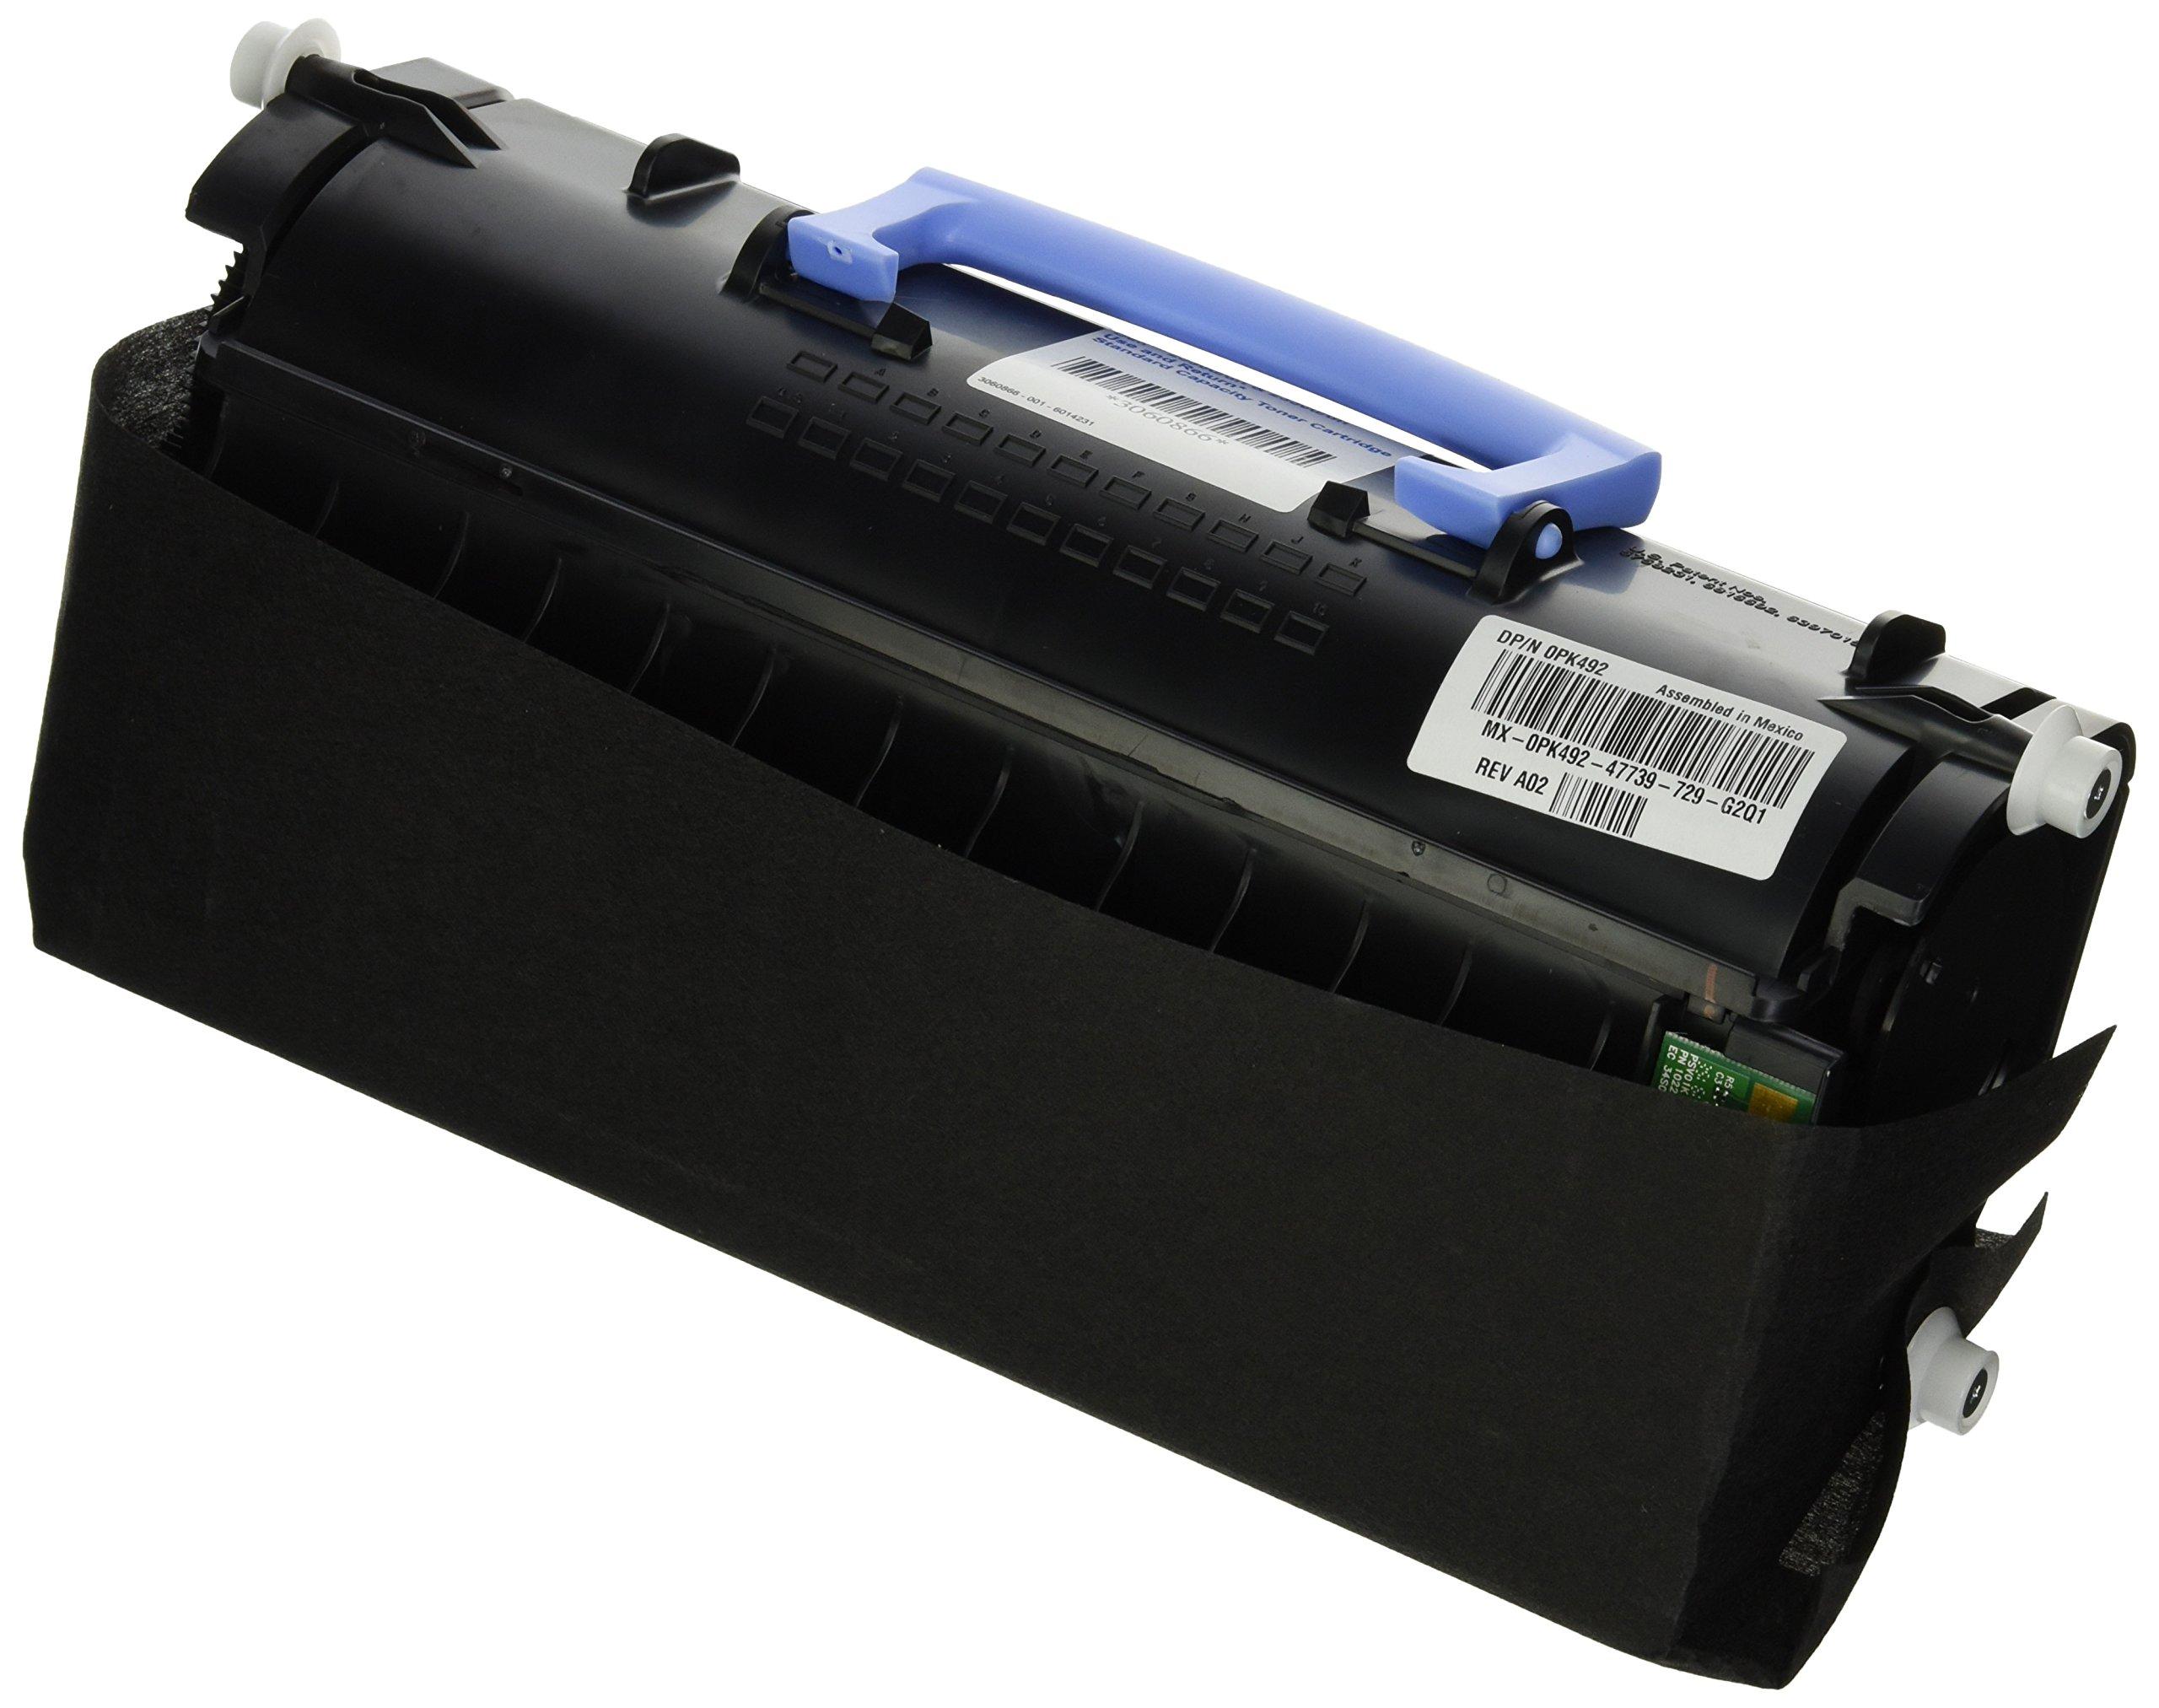 Toner Original DELL DLLPK492-330-2665 U/R 2K Yd